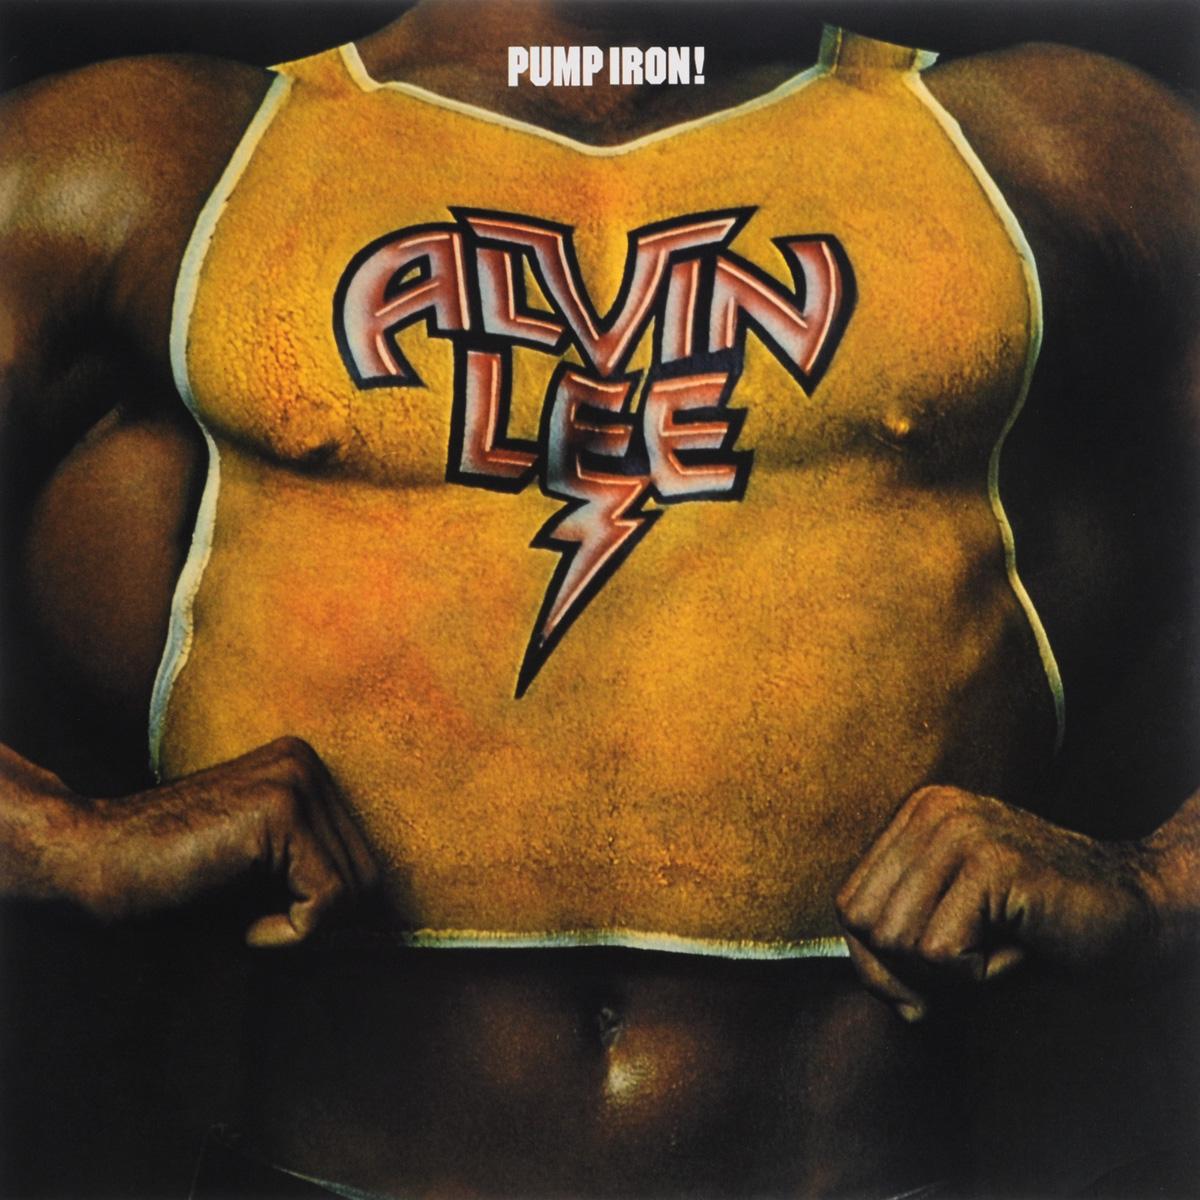 лучшая цена Алвин Ли Alvin Lee. Pump Iron (LP)